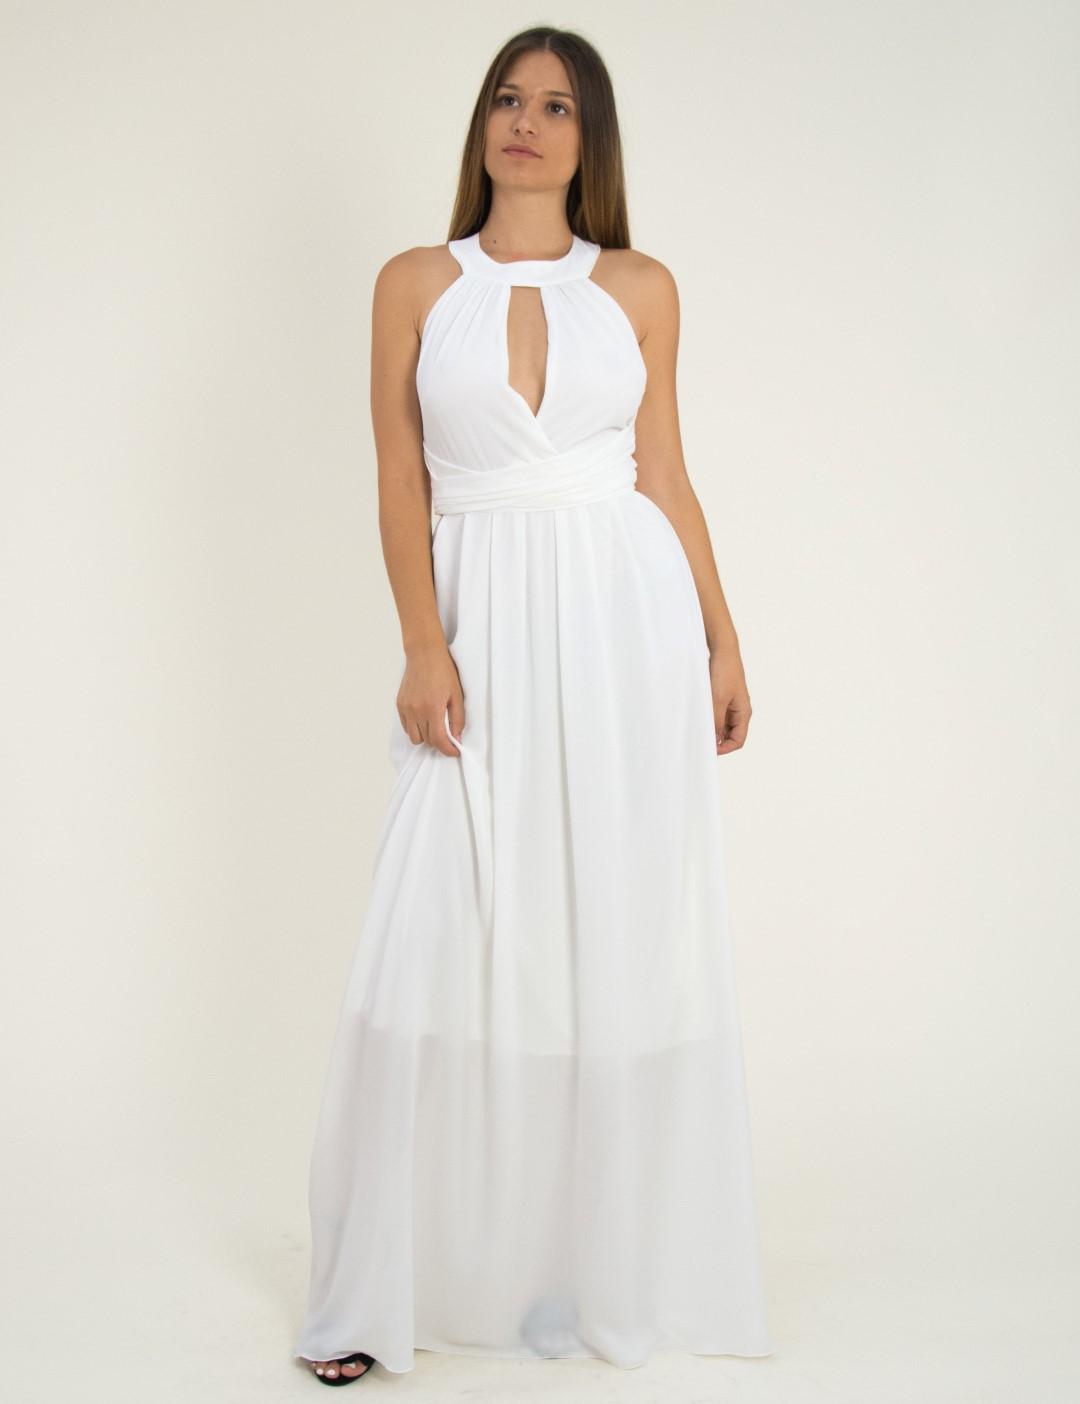 Γυναικείο μάξι φόρεμα εξώπλατο με κολάρο λευκό μονόχρωμο 8222220D 511baf6321a